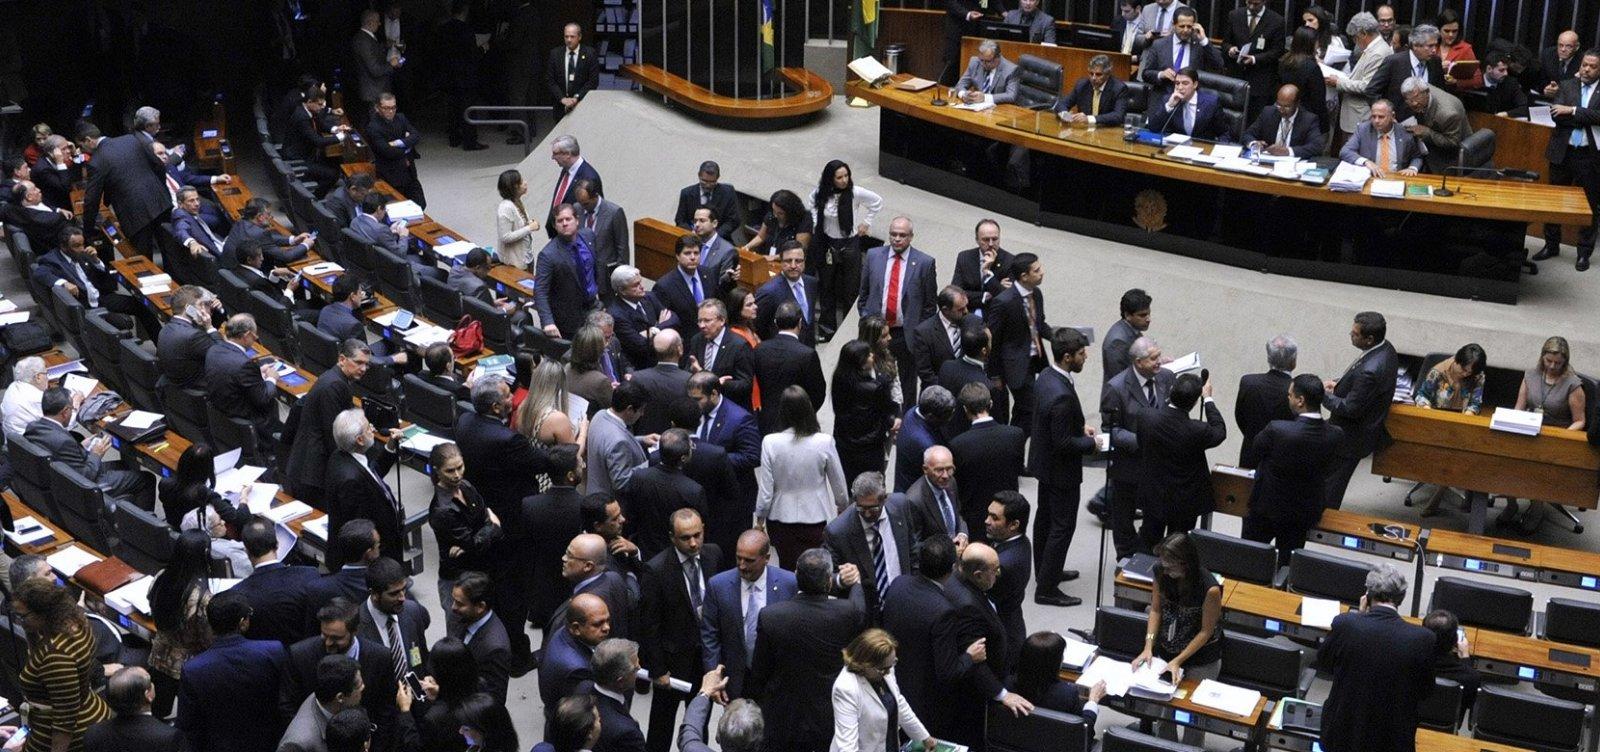 Votações na Câmara dos Deputados só serão retomadas depois do 2º turno